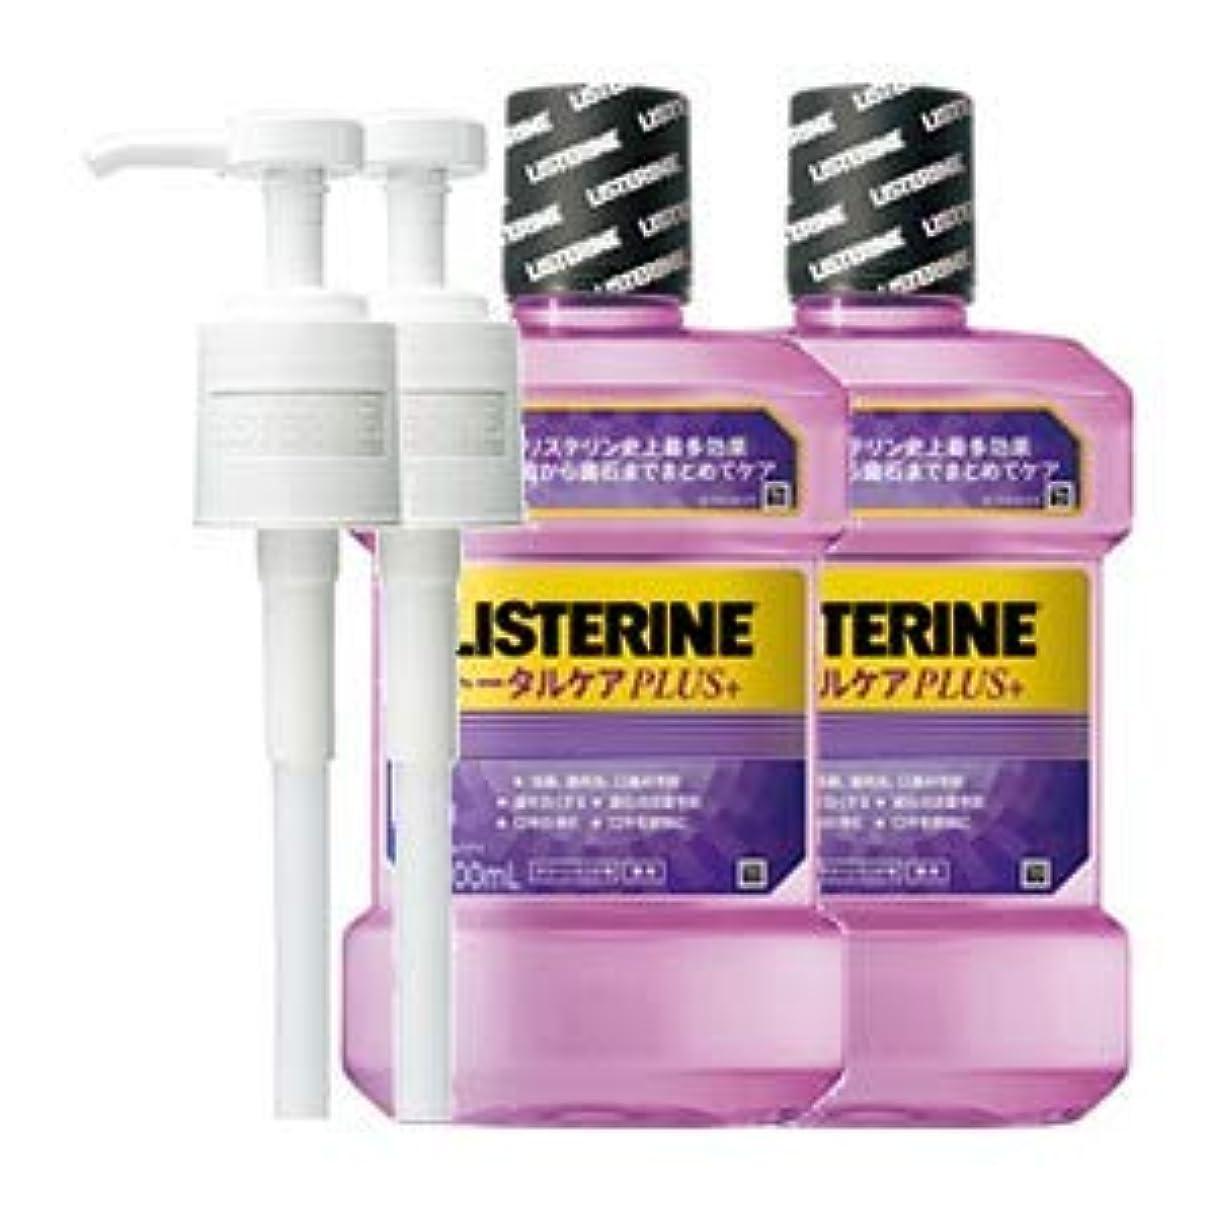 裂け目芸術摂動薬用リステリン トータルケアプラス (液体歯磨) 1000mL 2点セット (ポンプ付)